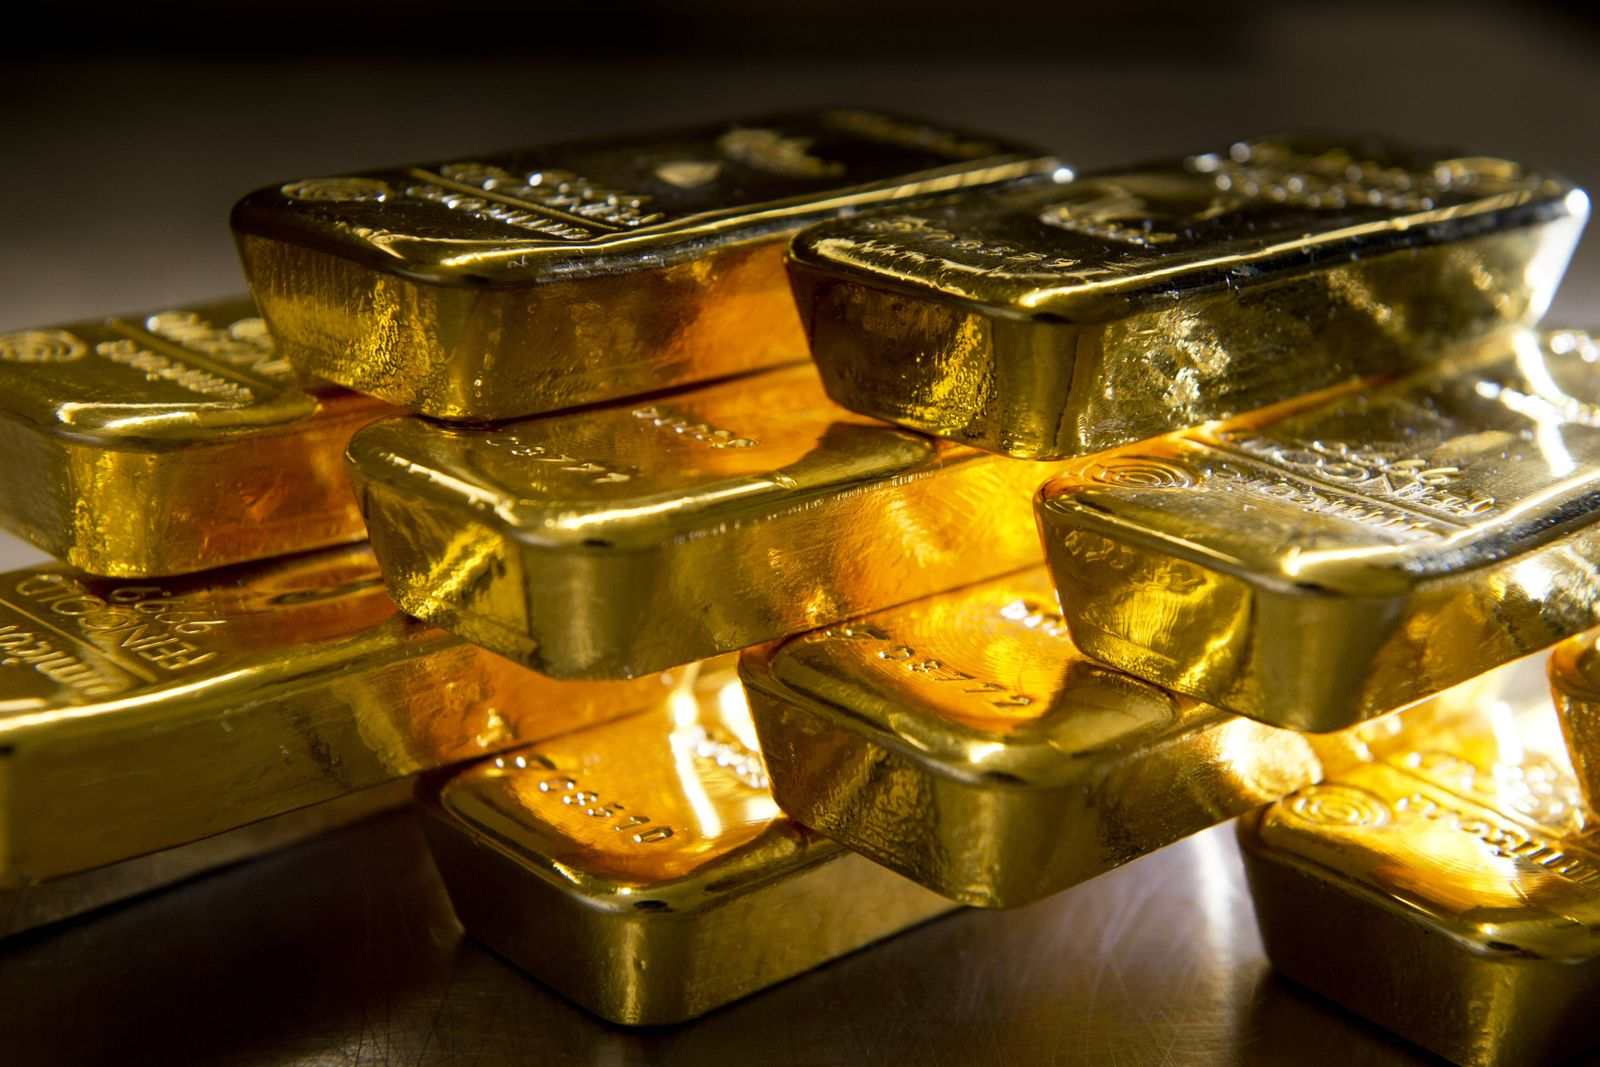 Goldbarren im Tresor des Goldhandels Pro Aurum Muenchen 16 02 2016 Muenchen Deutschland PUBLICATIO